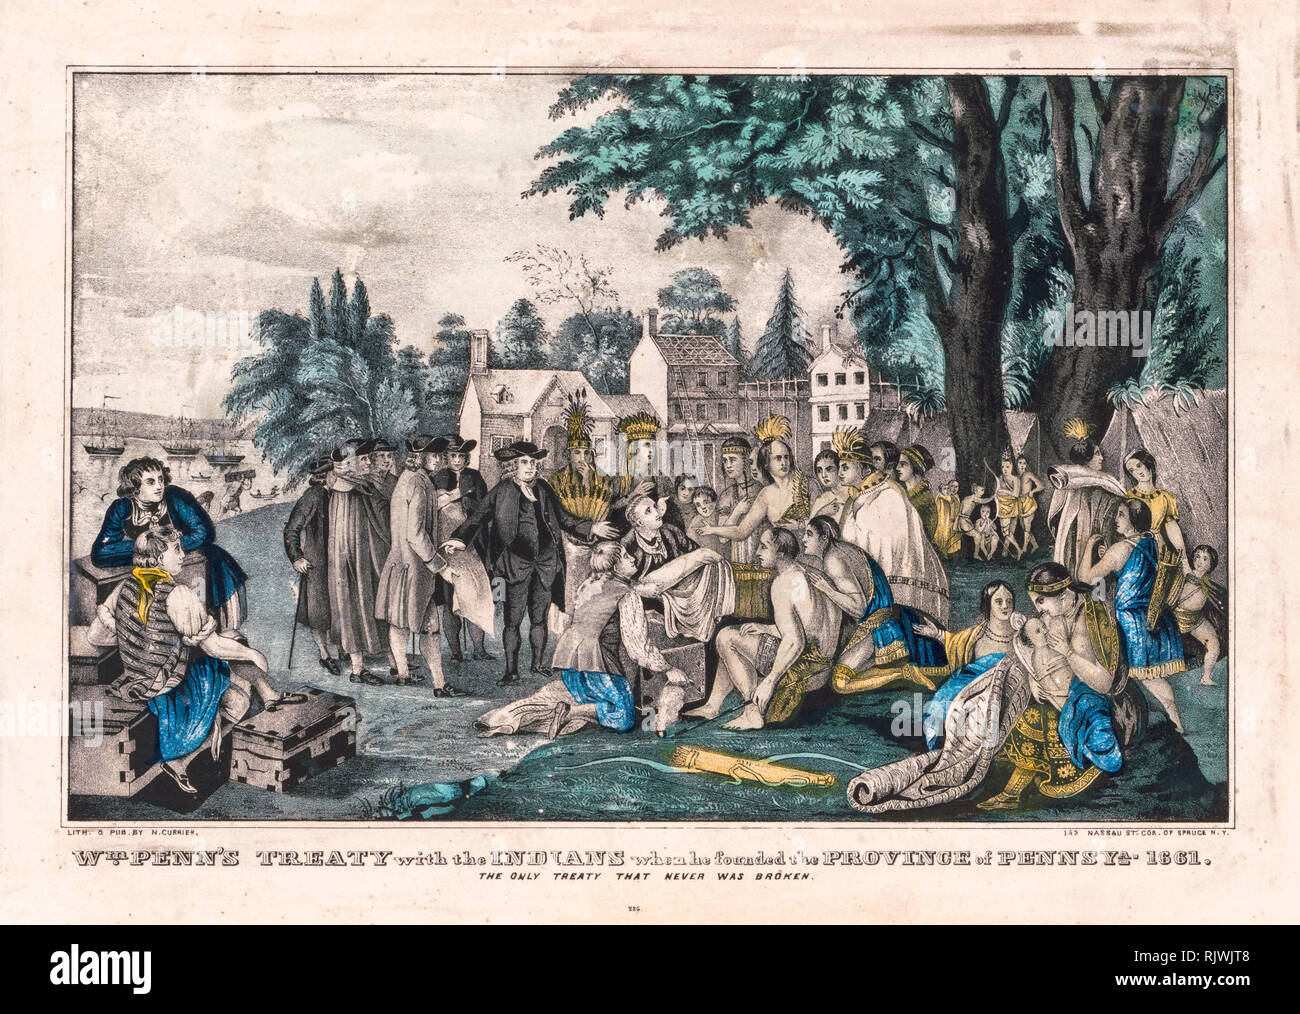 William Penn trattato con gli Indiani quando fondò la provincia di Pennsylvania nel 1661, stampa 1835-1856 Immagini Stock